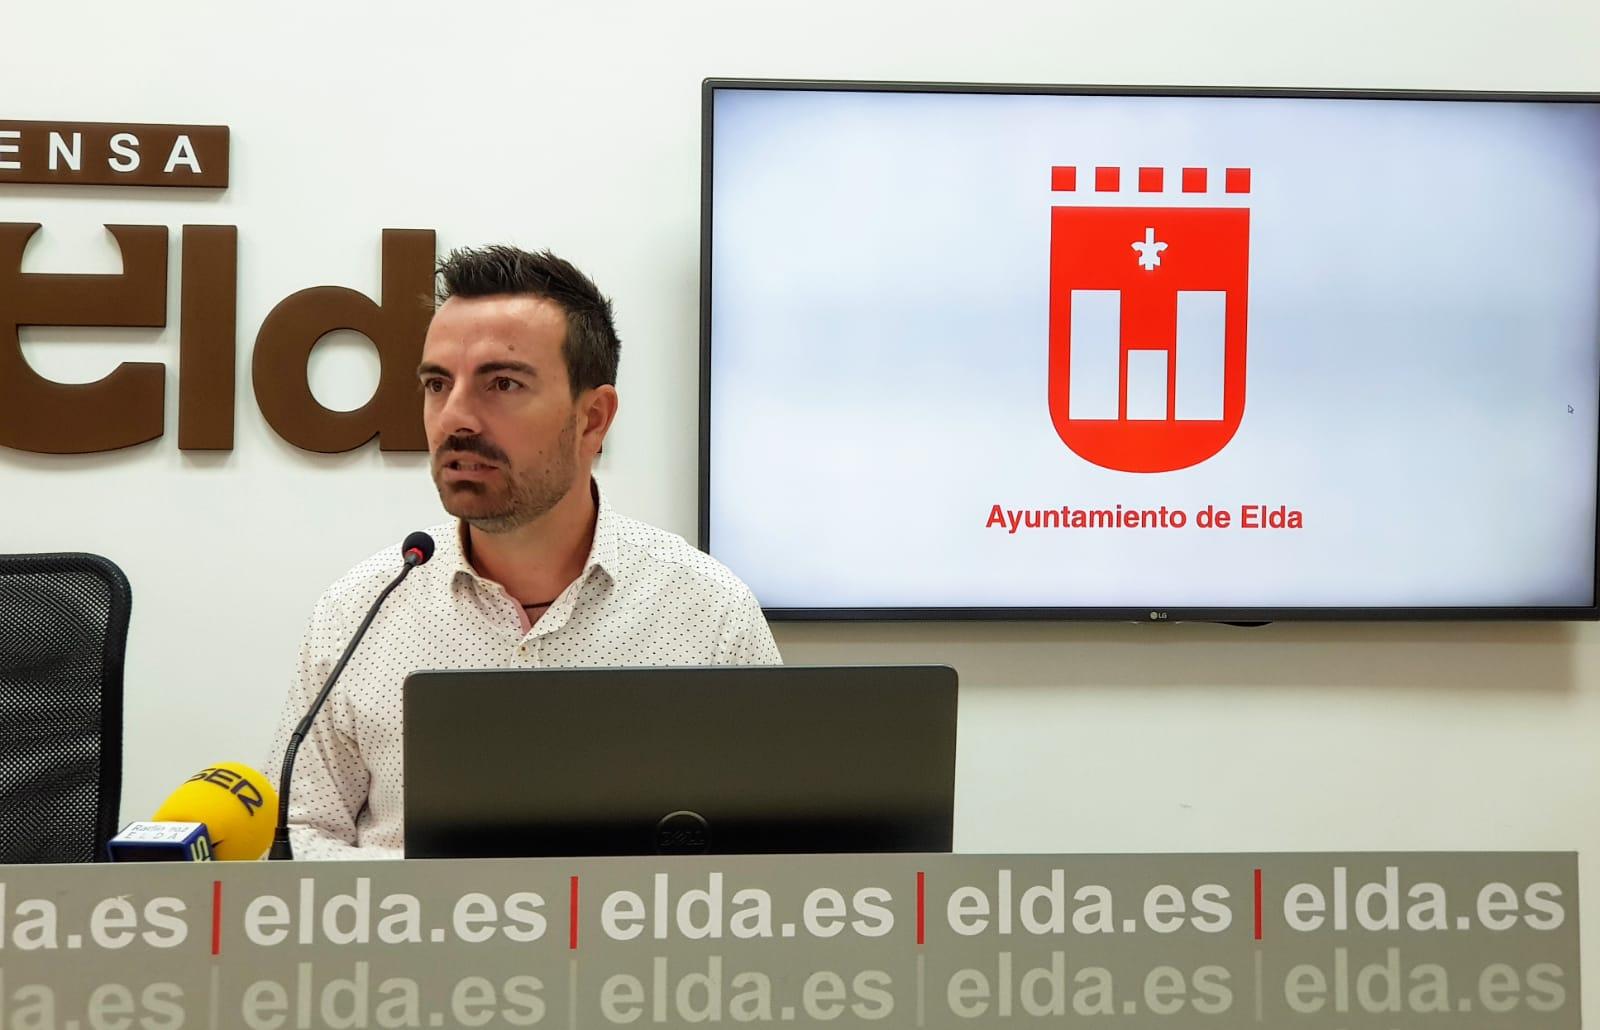 El Ayuntamiento de Elda aprueba la concesión de las subvenciones a los deportistas individuales de élite